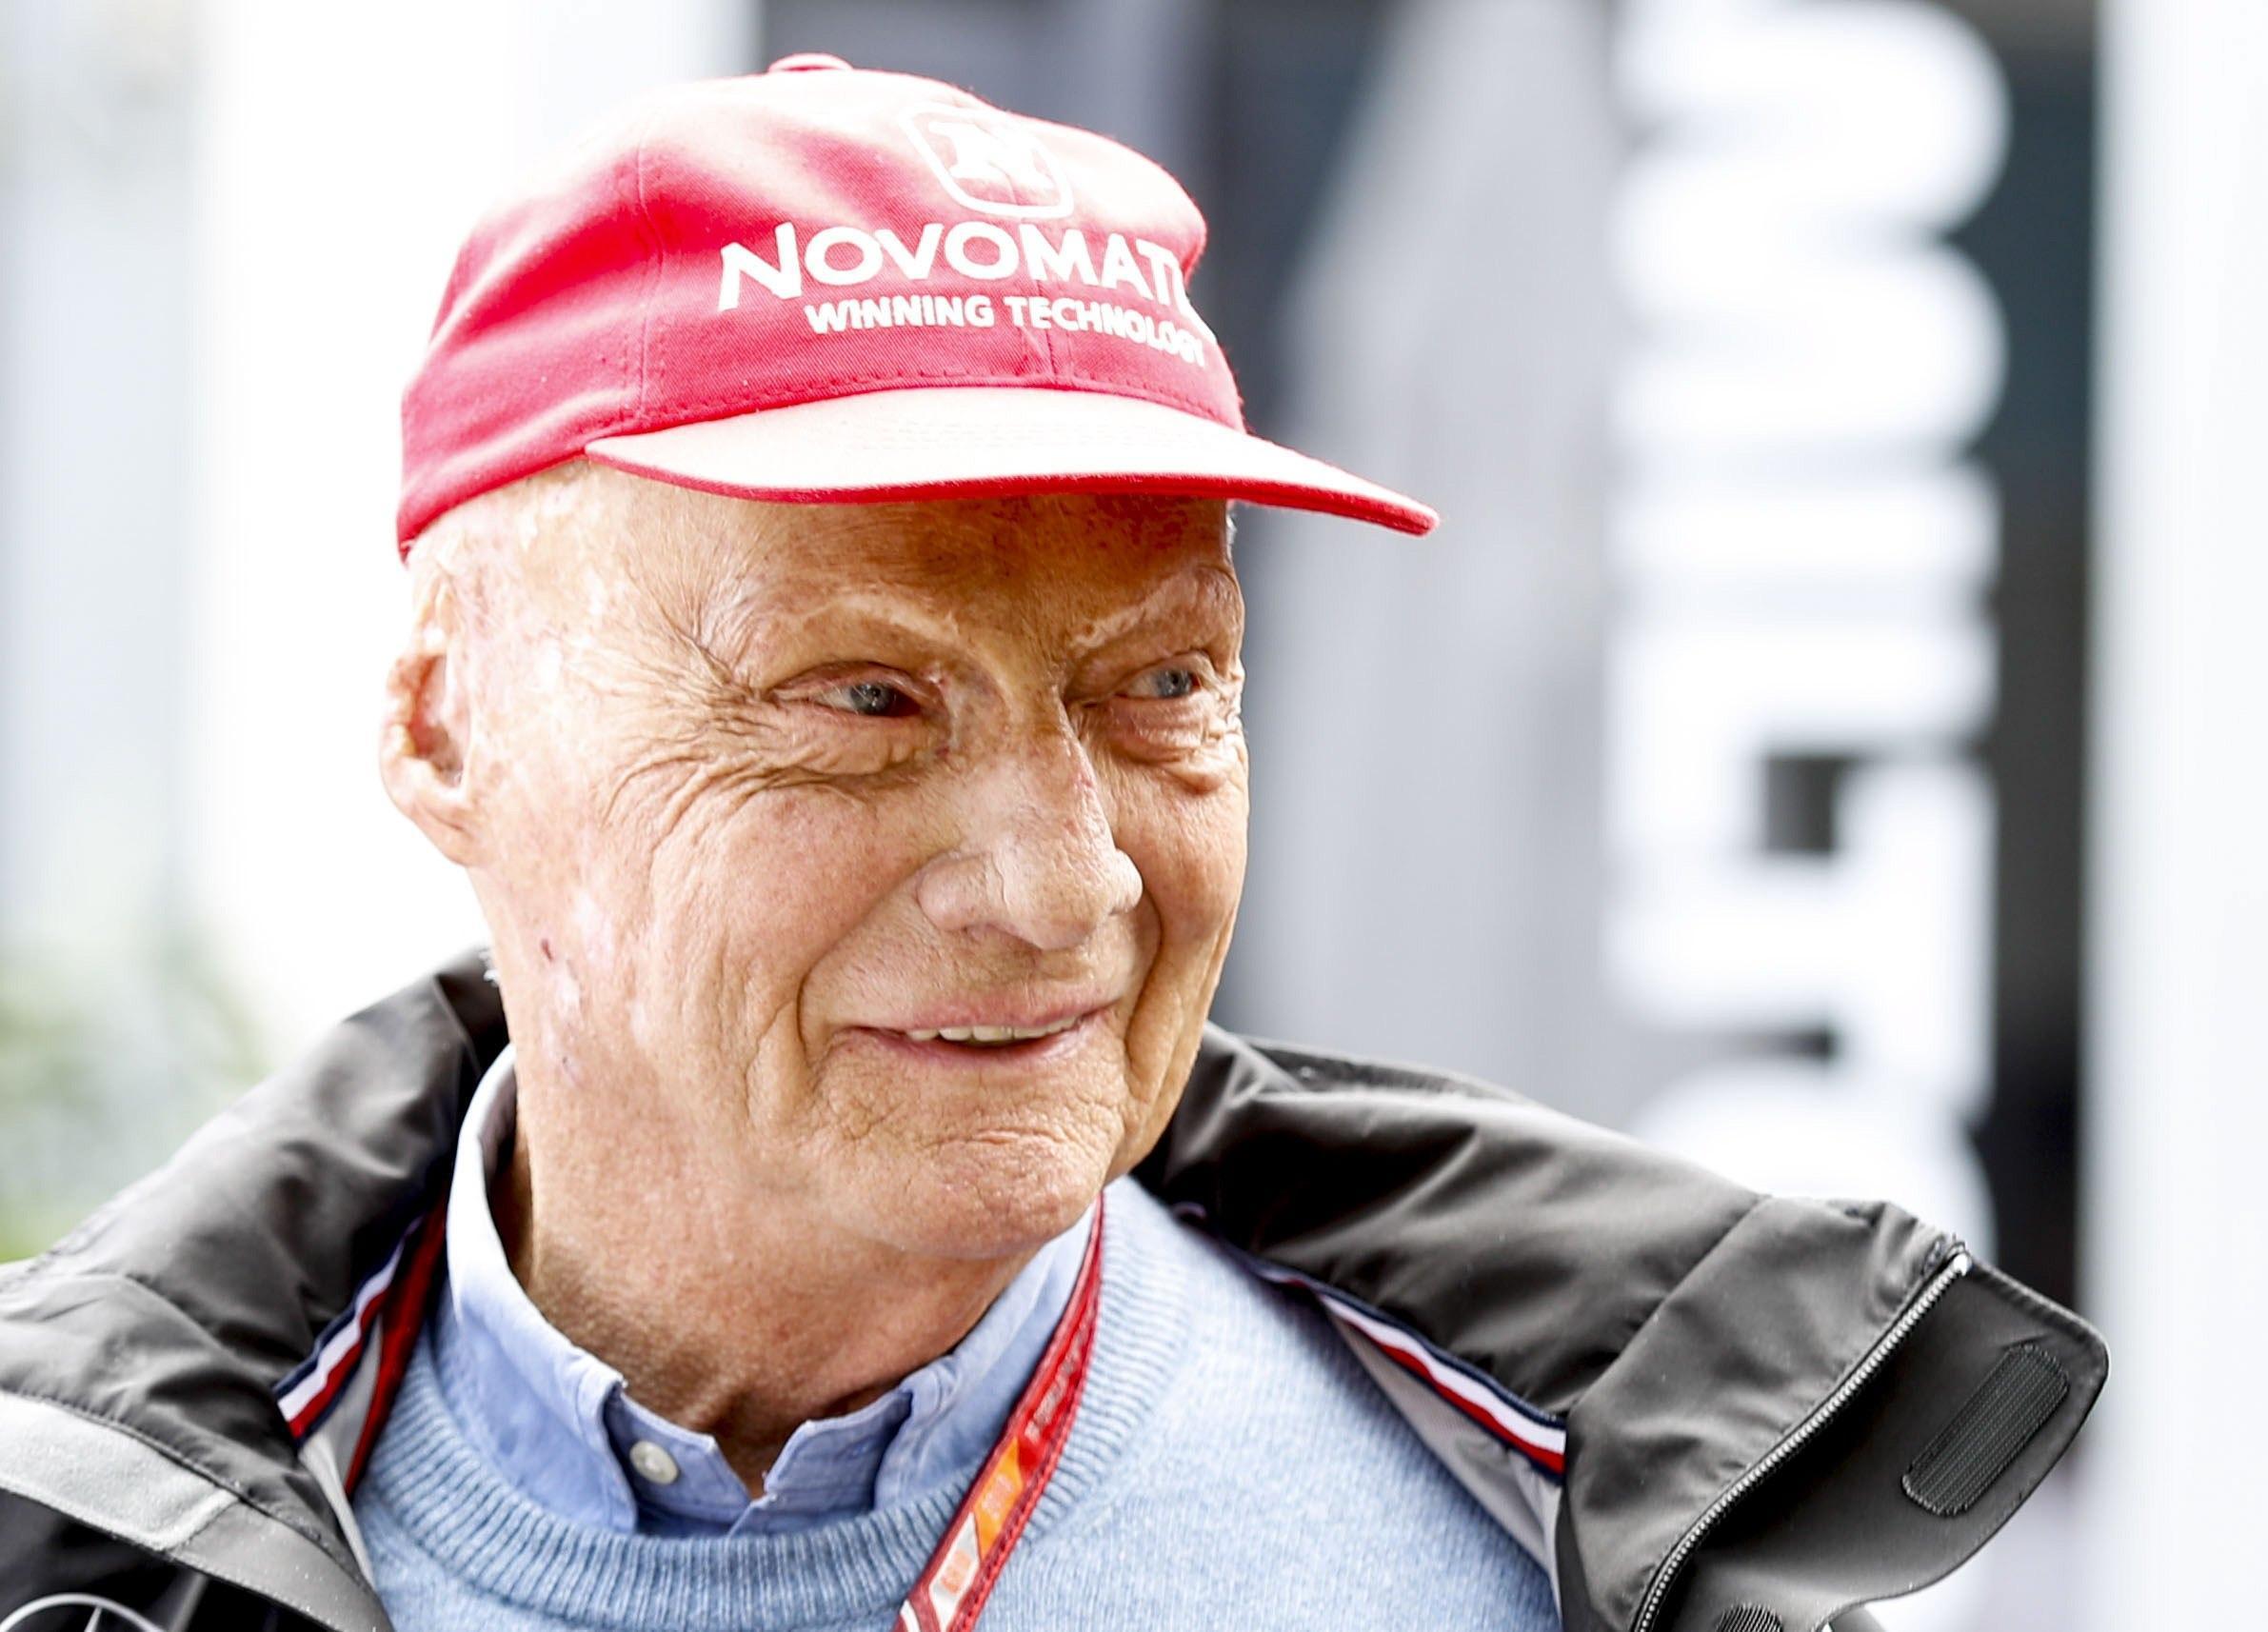 Niki Lauda è grave dopo un trapianto di polmoni